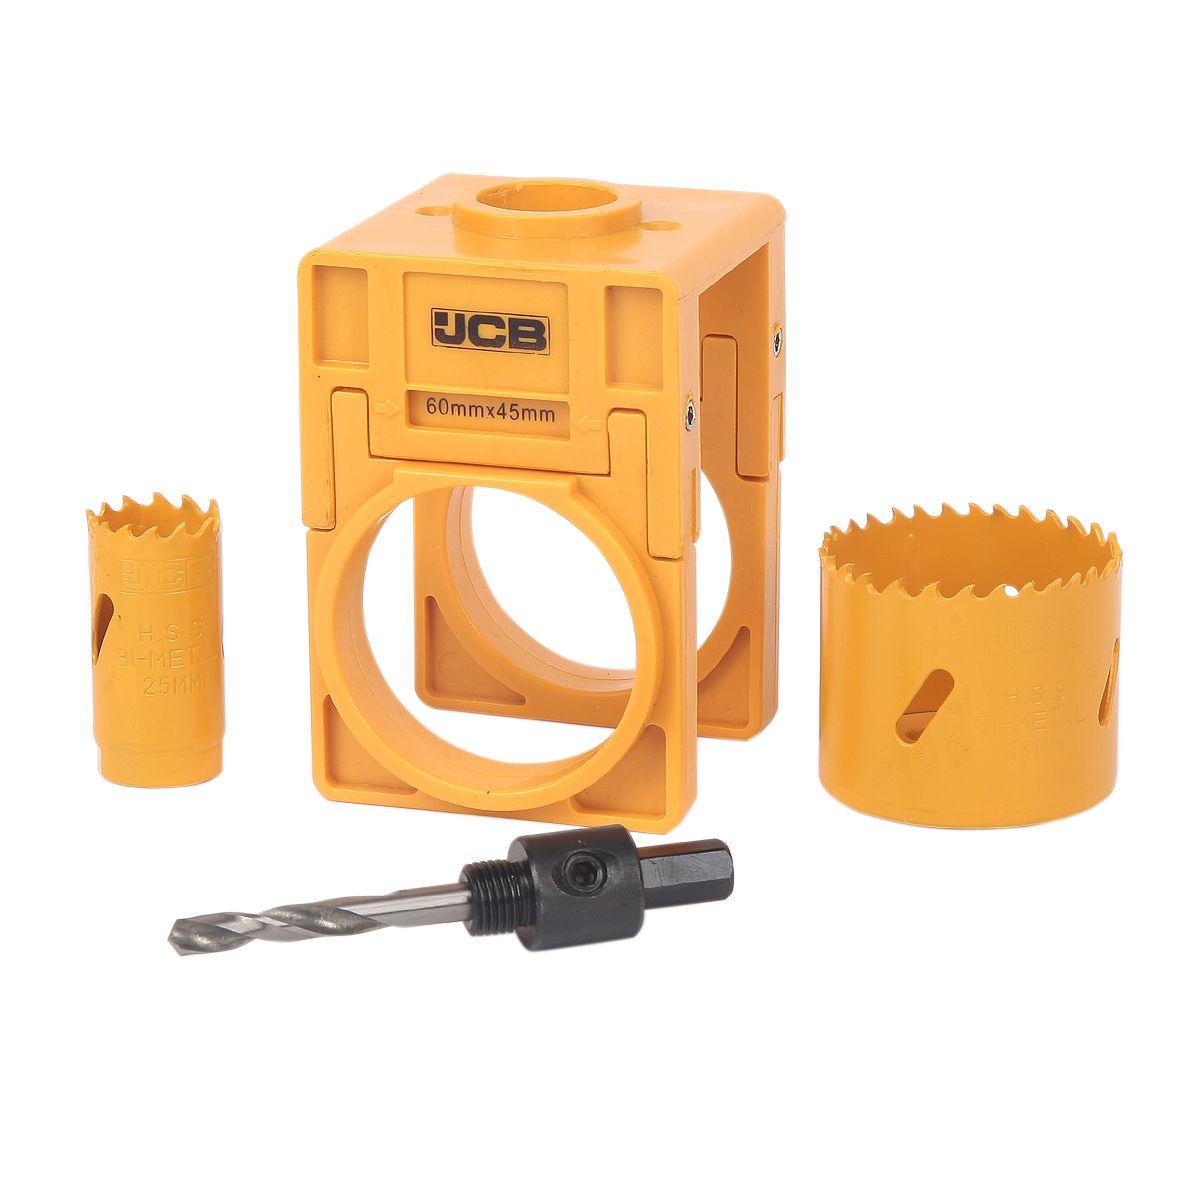 Jcb Door Lock Installation Kit 4 Pieces Departments